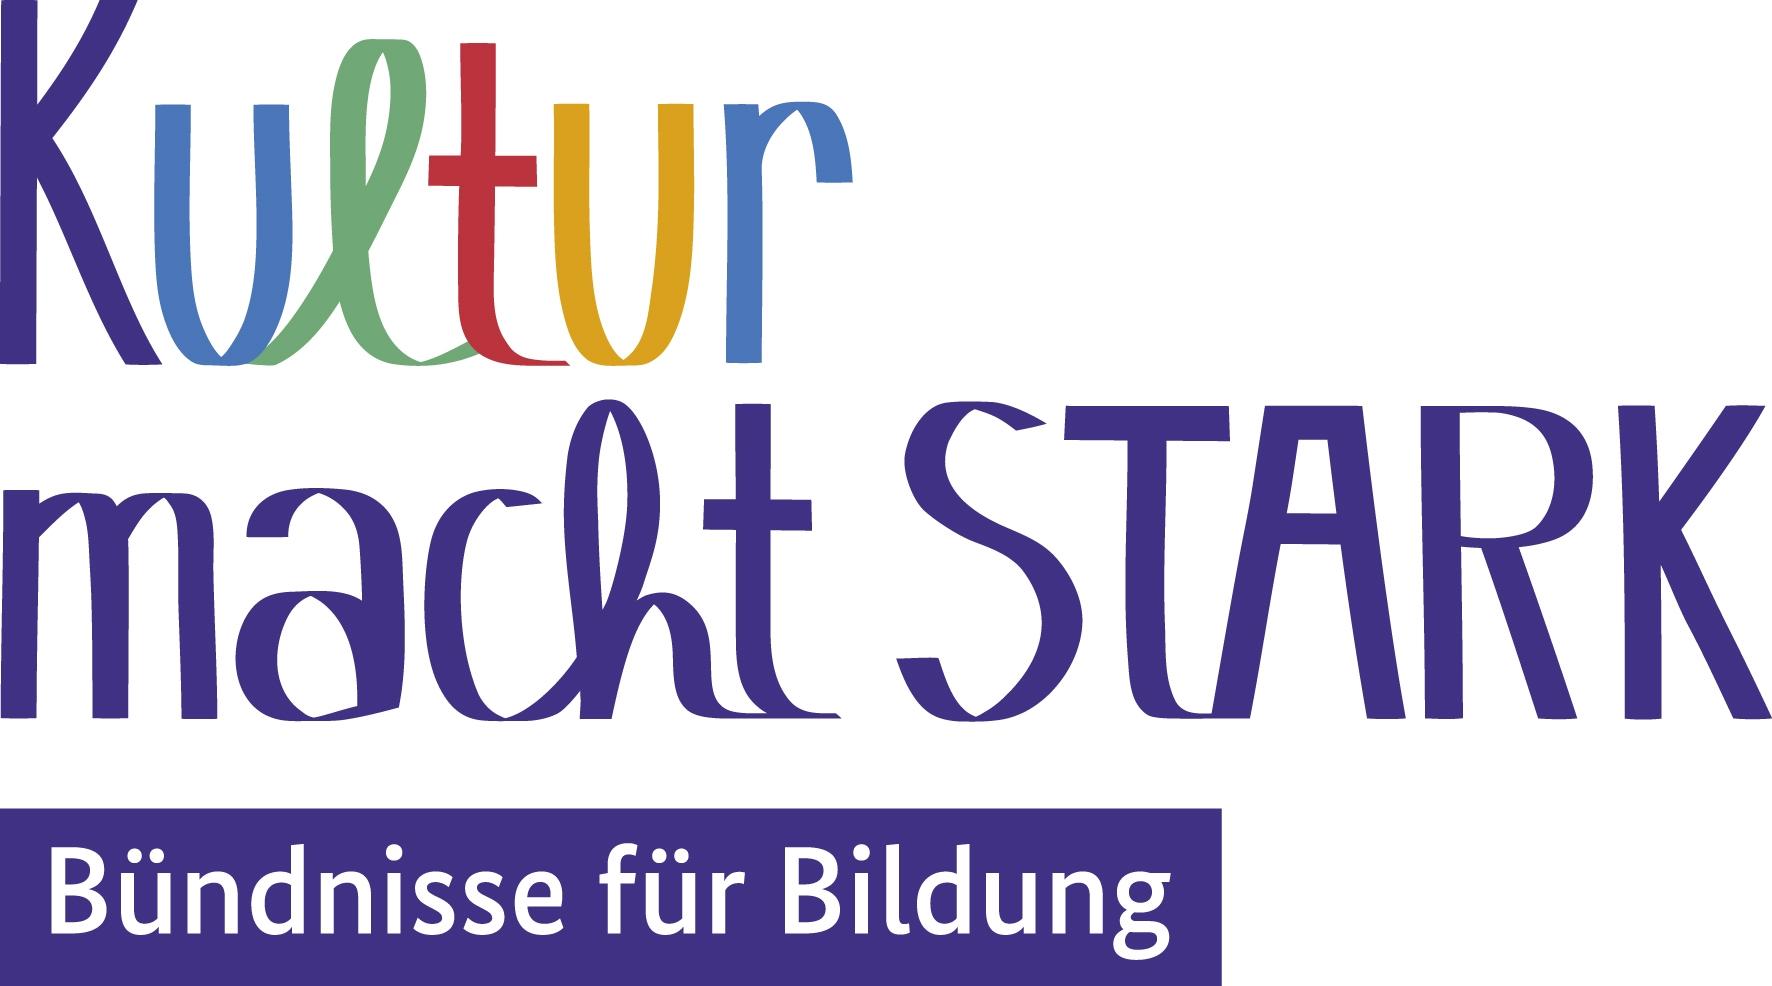 120416_Logo_Buendnisse_fuer_Bildung